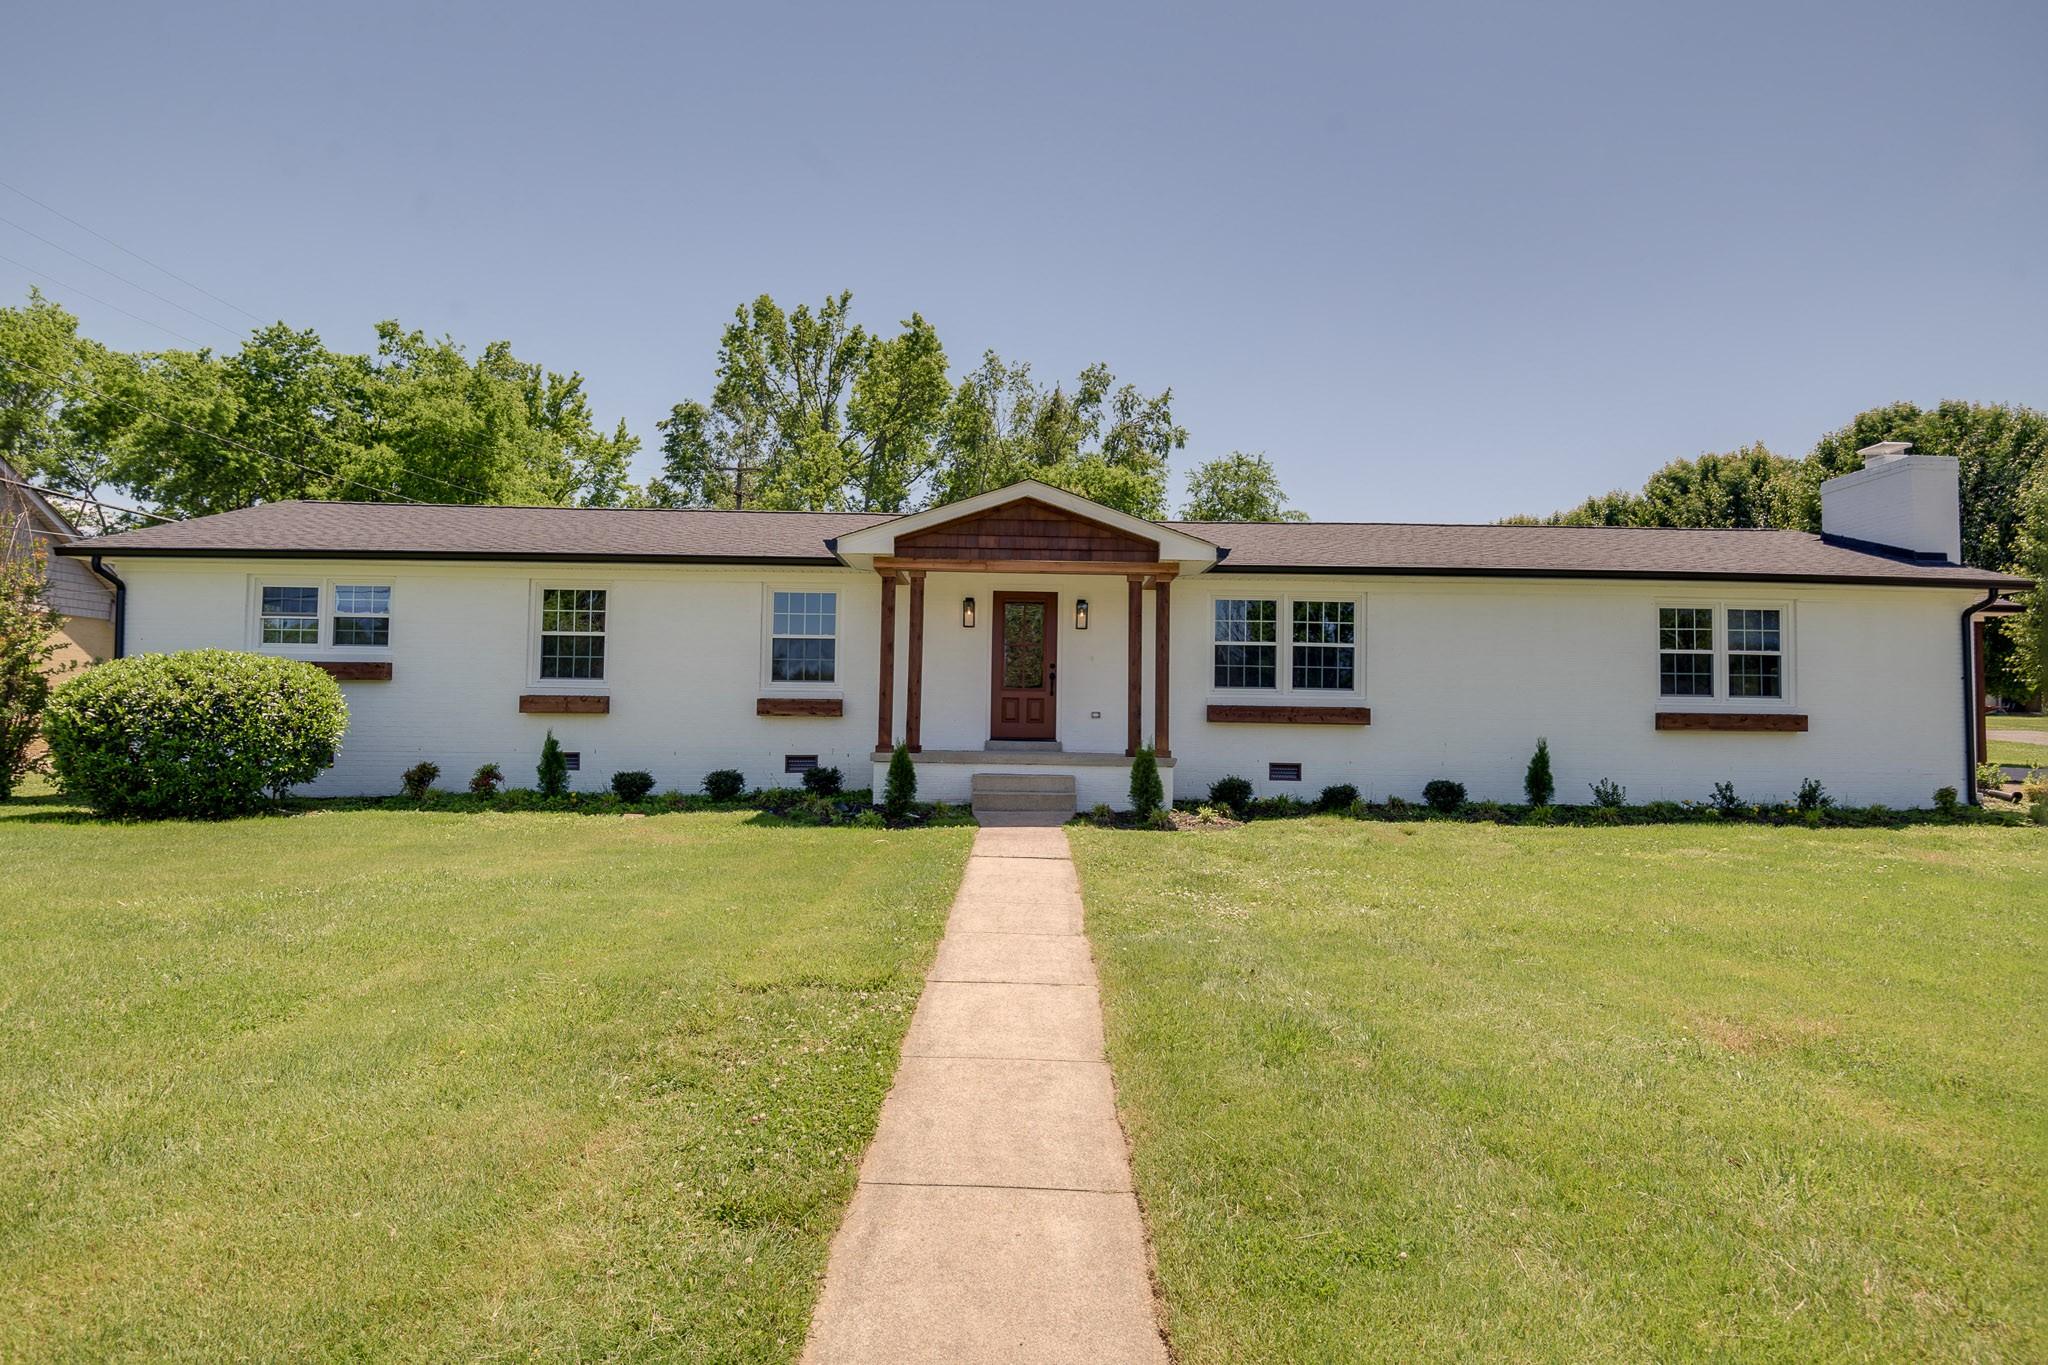 307 Cloverdale Property Photo 1